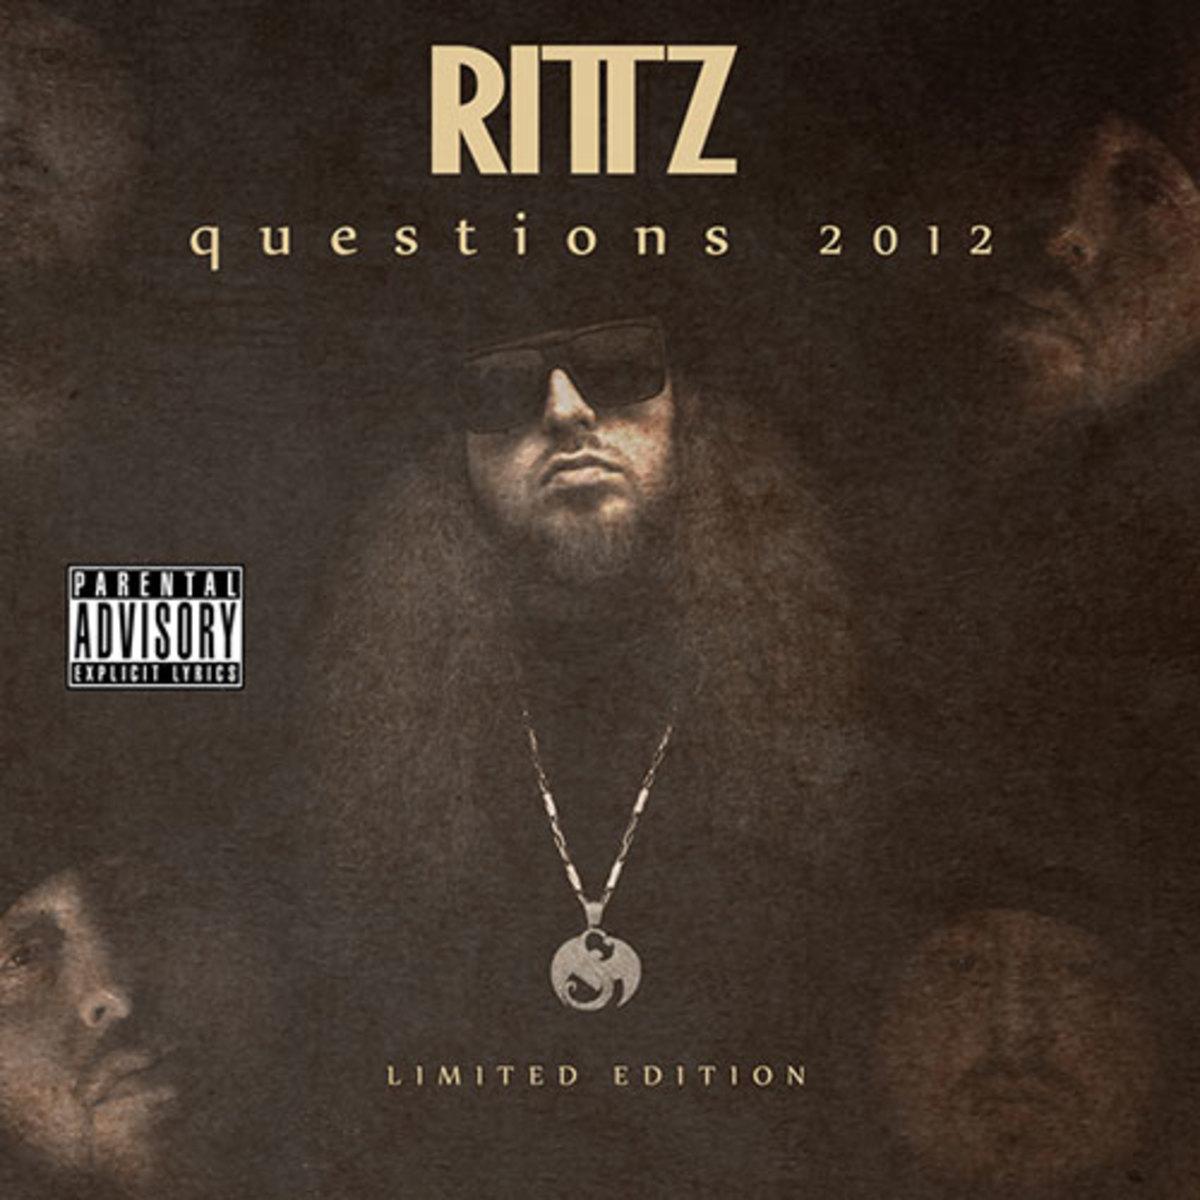 rittz-questions12.jpg